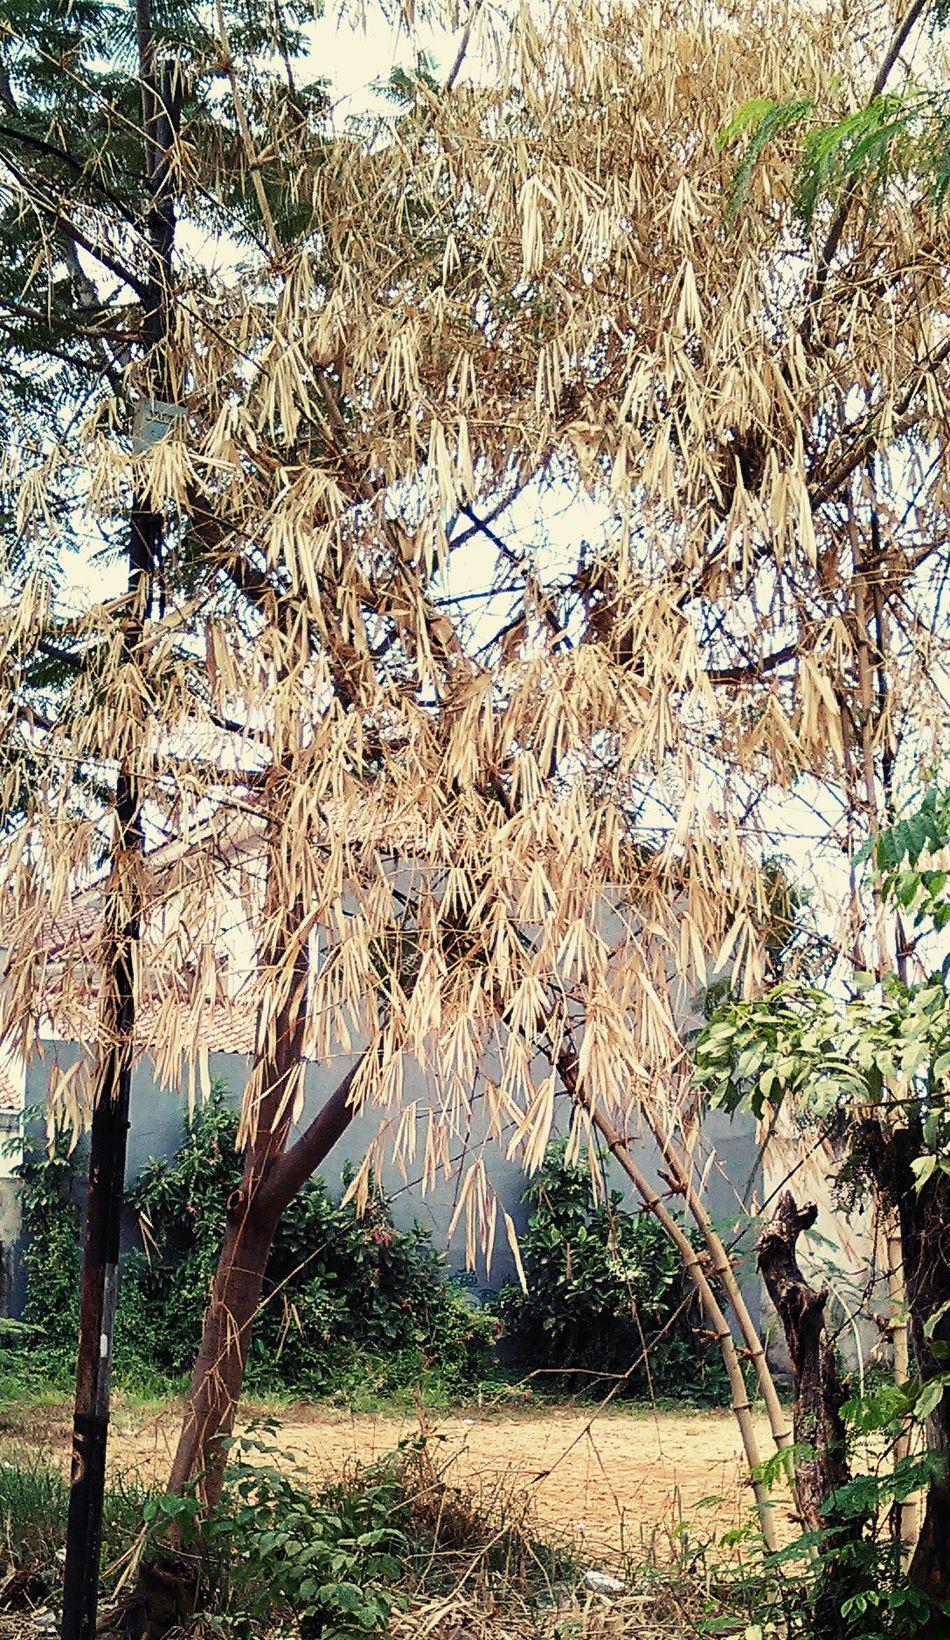 Bamboo Plants And Flowers ...meranggas krn kemarau.